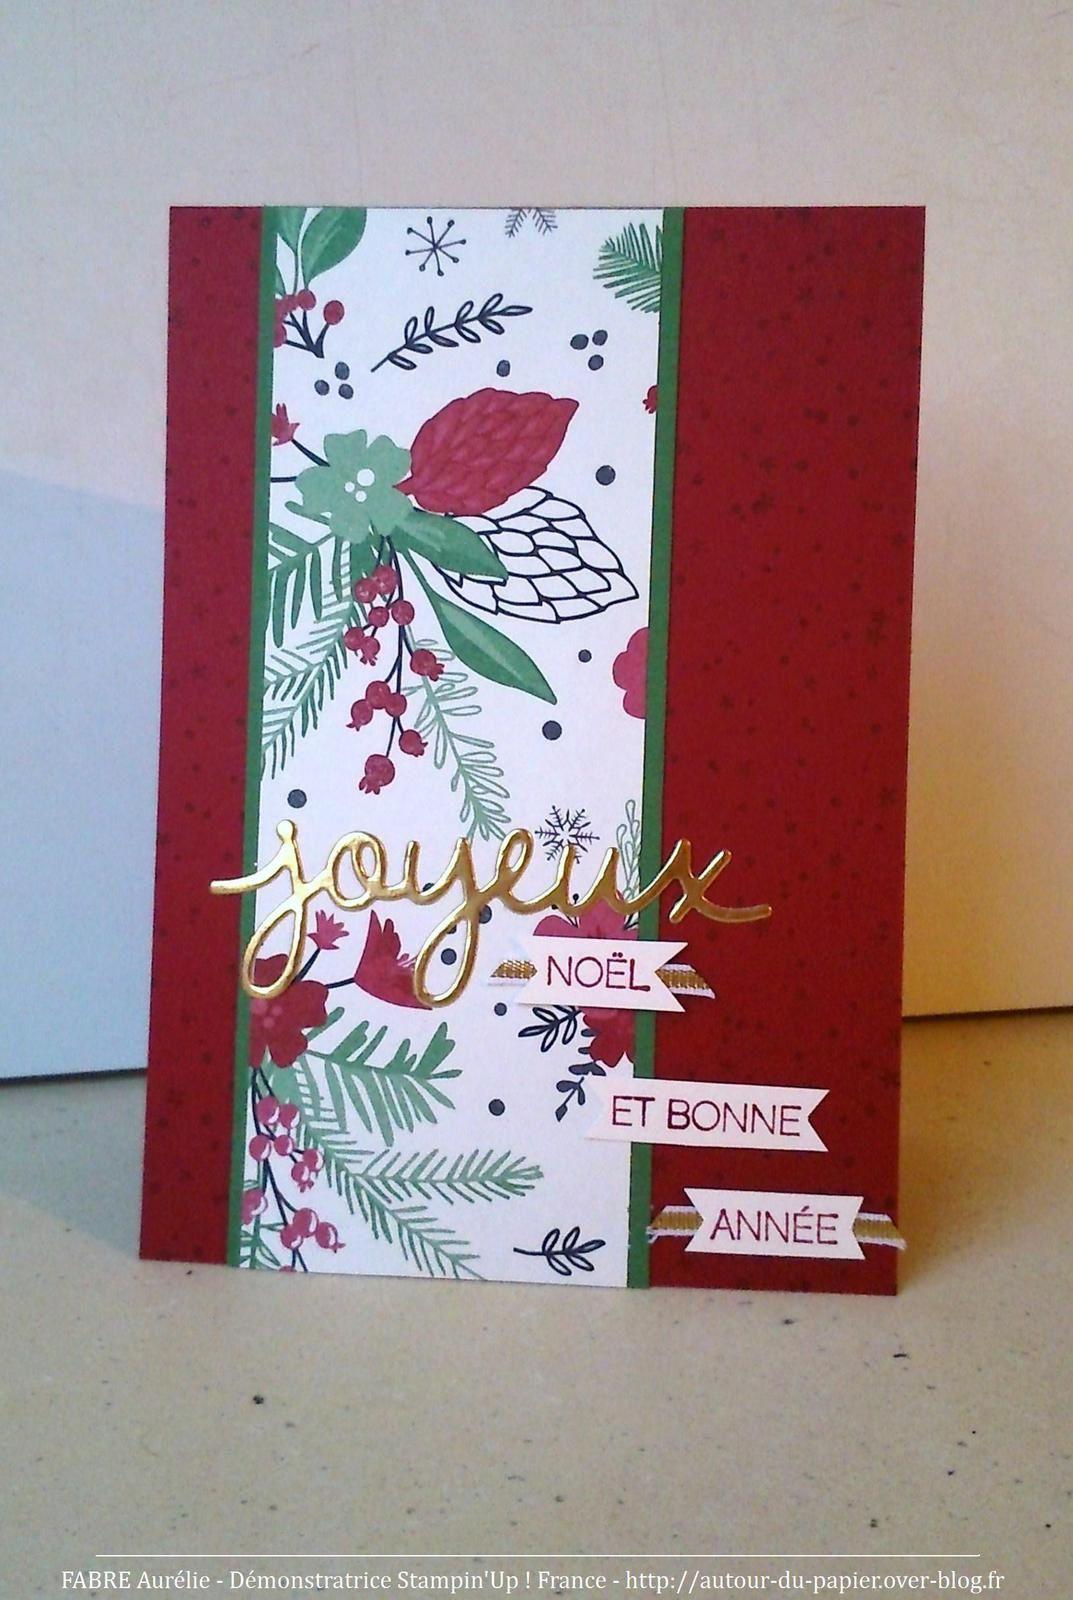 Papier : Cerise Carmin, Vert Jardin, Spécialité Pour Noël, Très Vanille. Set de tampons Souhaits de Joie. Thinlits Voeux. Pinceau Wink Ot Stella. Ruban or 1/8